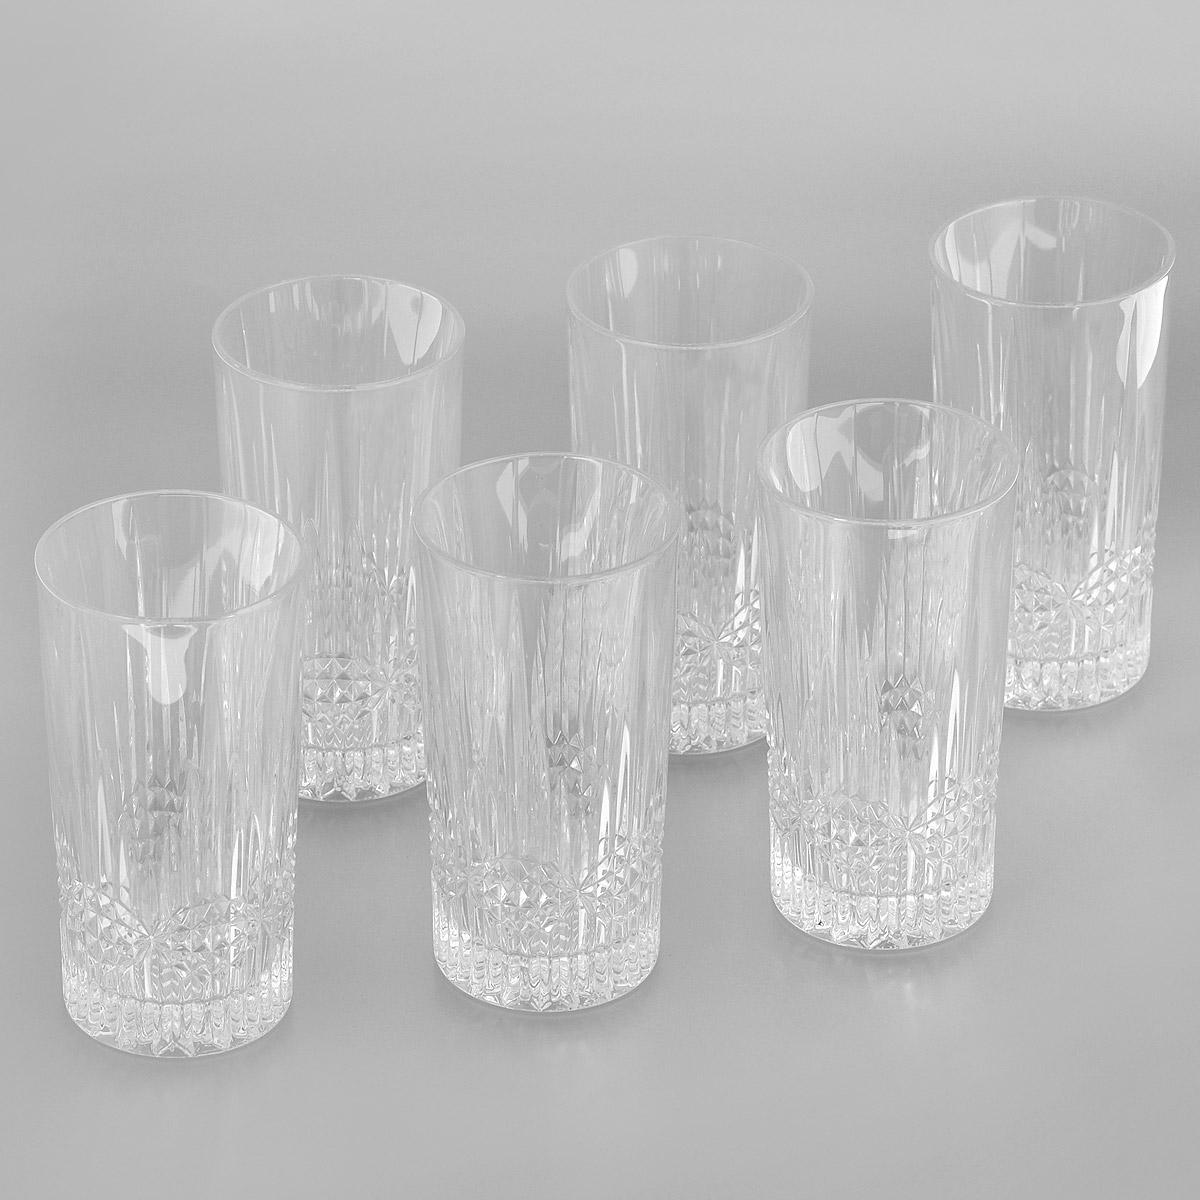 Набор стаканов для воды Crystal Bohemia Vibes, 300 мл, 6 шт990/20105/0/24355/350-609Набор для воды Crystal Bohemia Vibes состоит из шести стаканов. Изделия выполнены из прочного высококачественного хрусталя и декорированы рельефом. Они излучают приятный блеск и издают мелодичный звон. Набор предназначен для подачи воды. Набор для воды Crystal Bohemia Vibes прекрасно оформит интерьер кабинета или гостиной и станет отличным дополнением бара. Такой набор также станет хорошим подарком к любому случаю. Диаметр по верхнему краю: 7 см.Высота стакана: 14 см.Диаметр основания: 6,3 см.